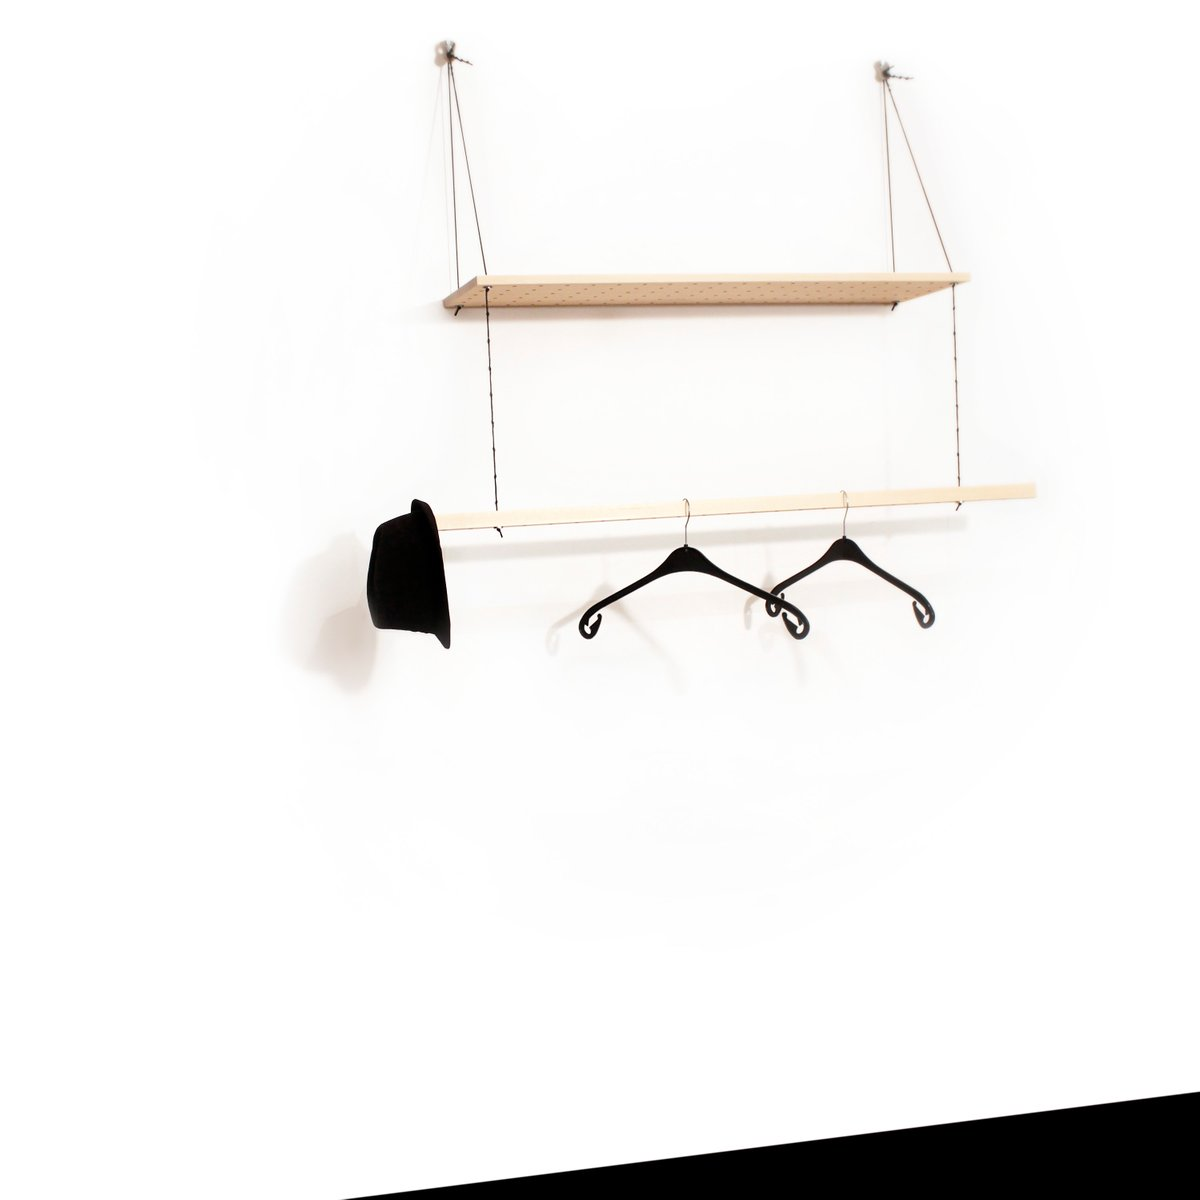 GREAT SERVANT [v1] Garderobe von Andreas Radlinger